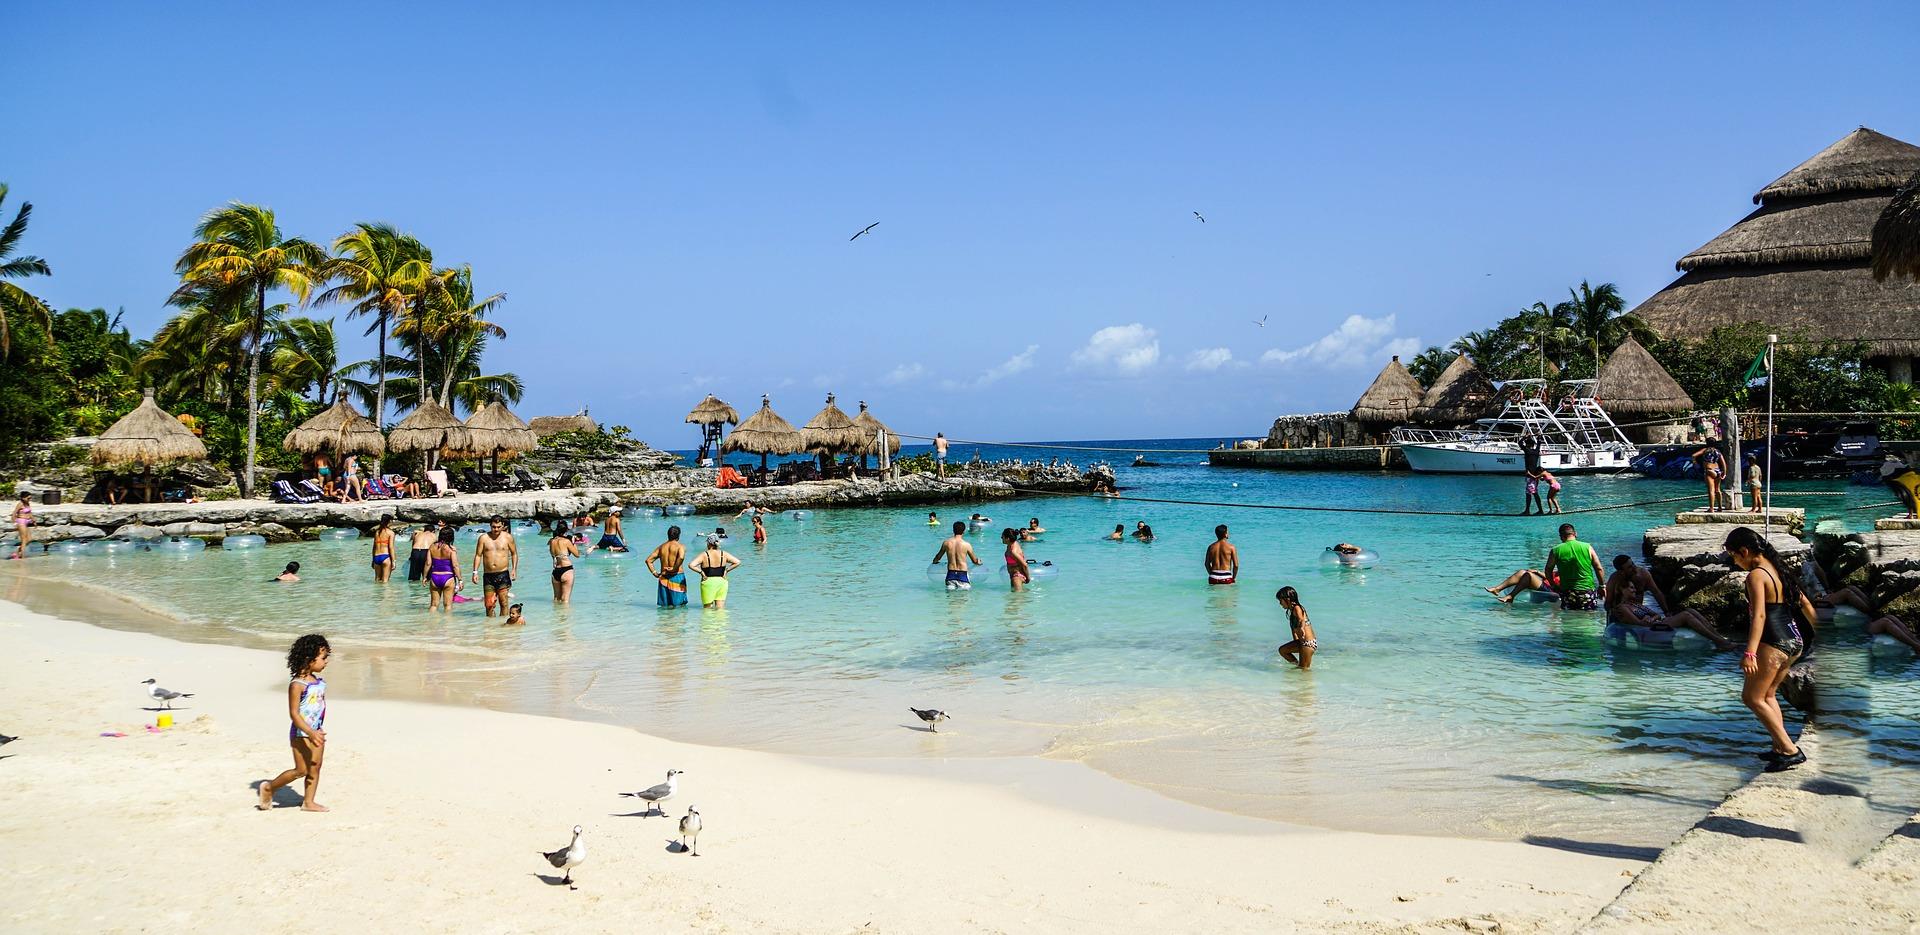 Cancun Urlaub eine Woche günstig ab 540,00€ buchen bei TUI